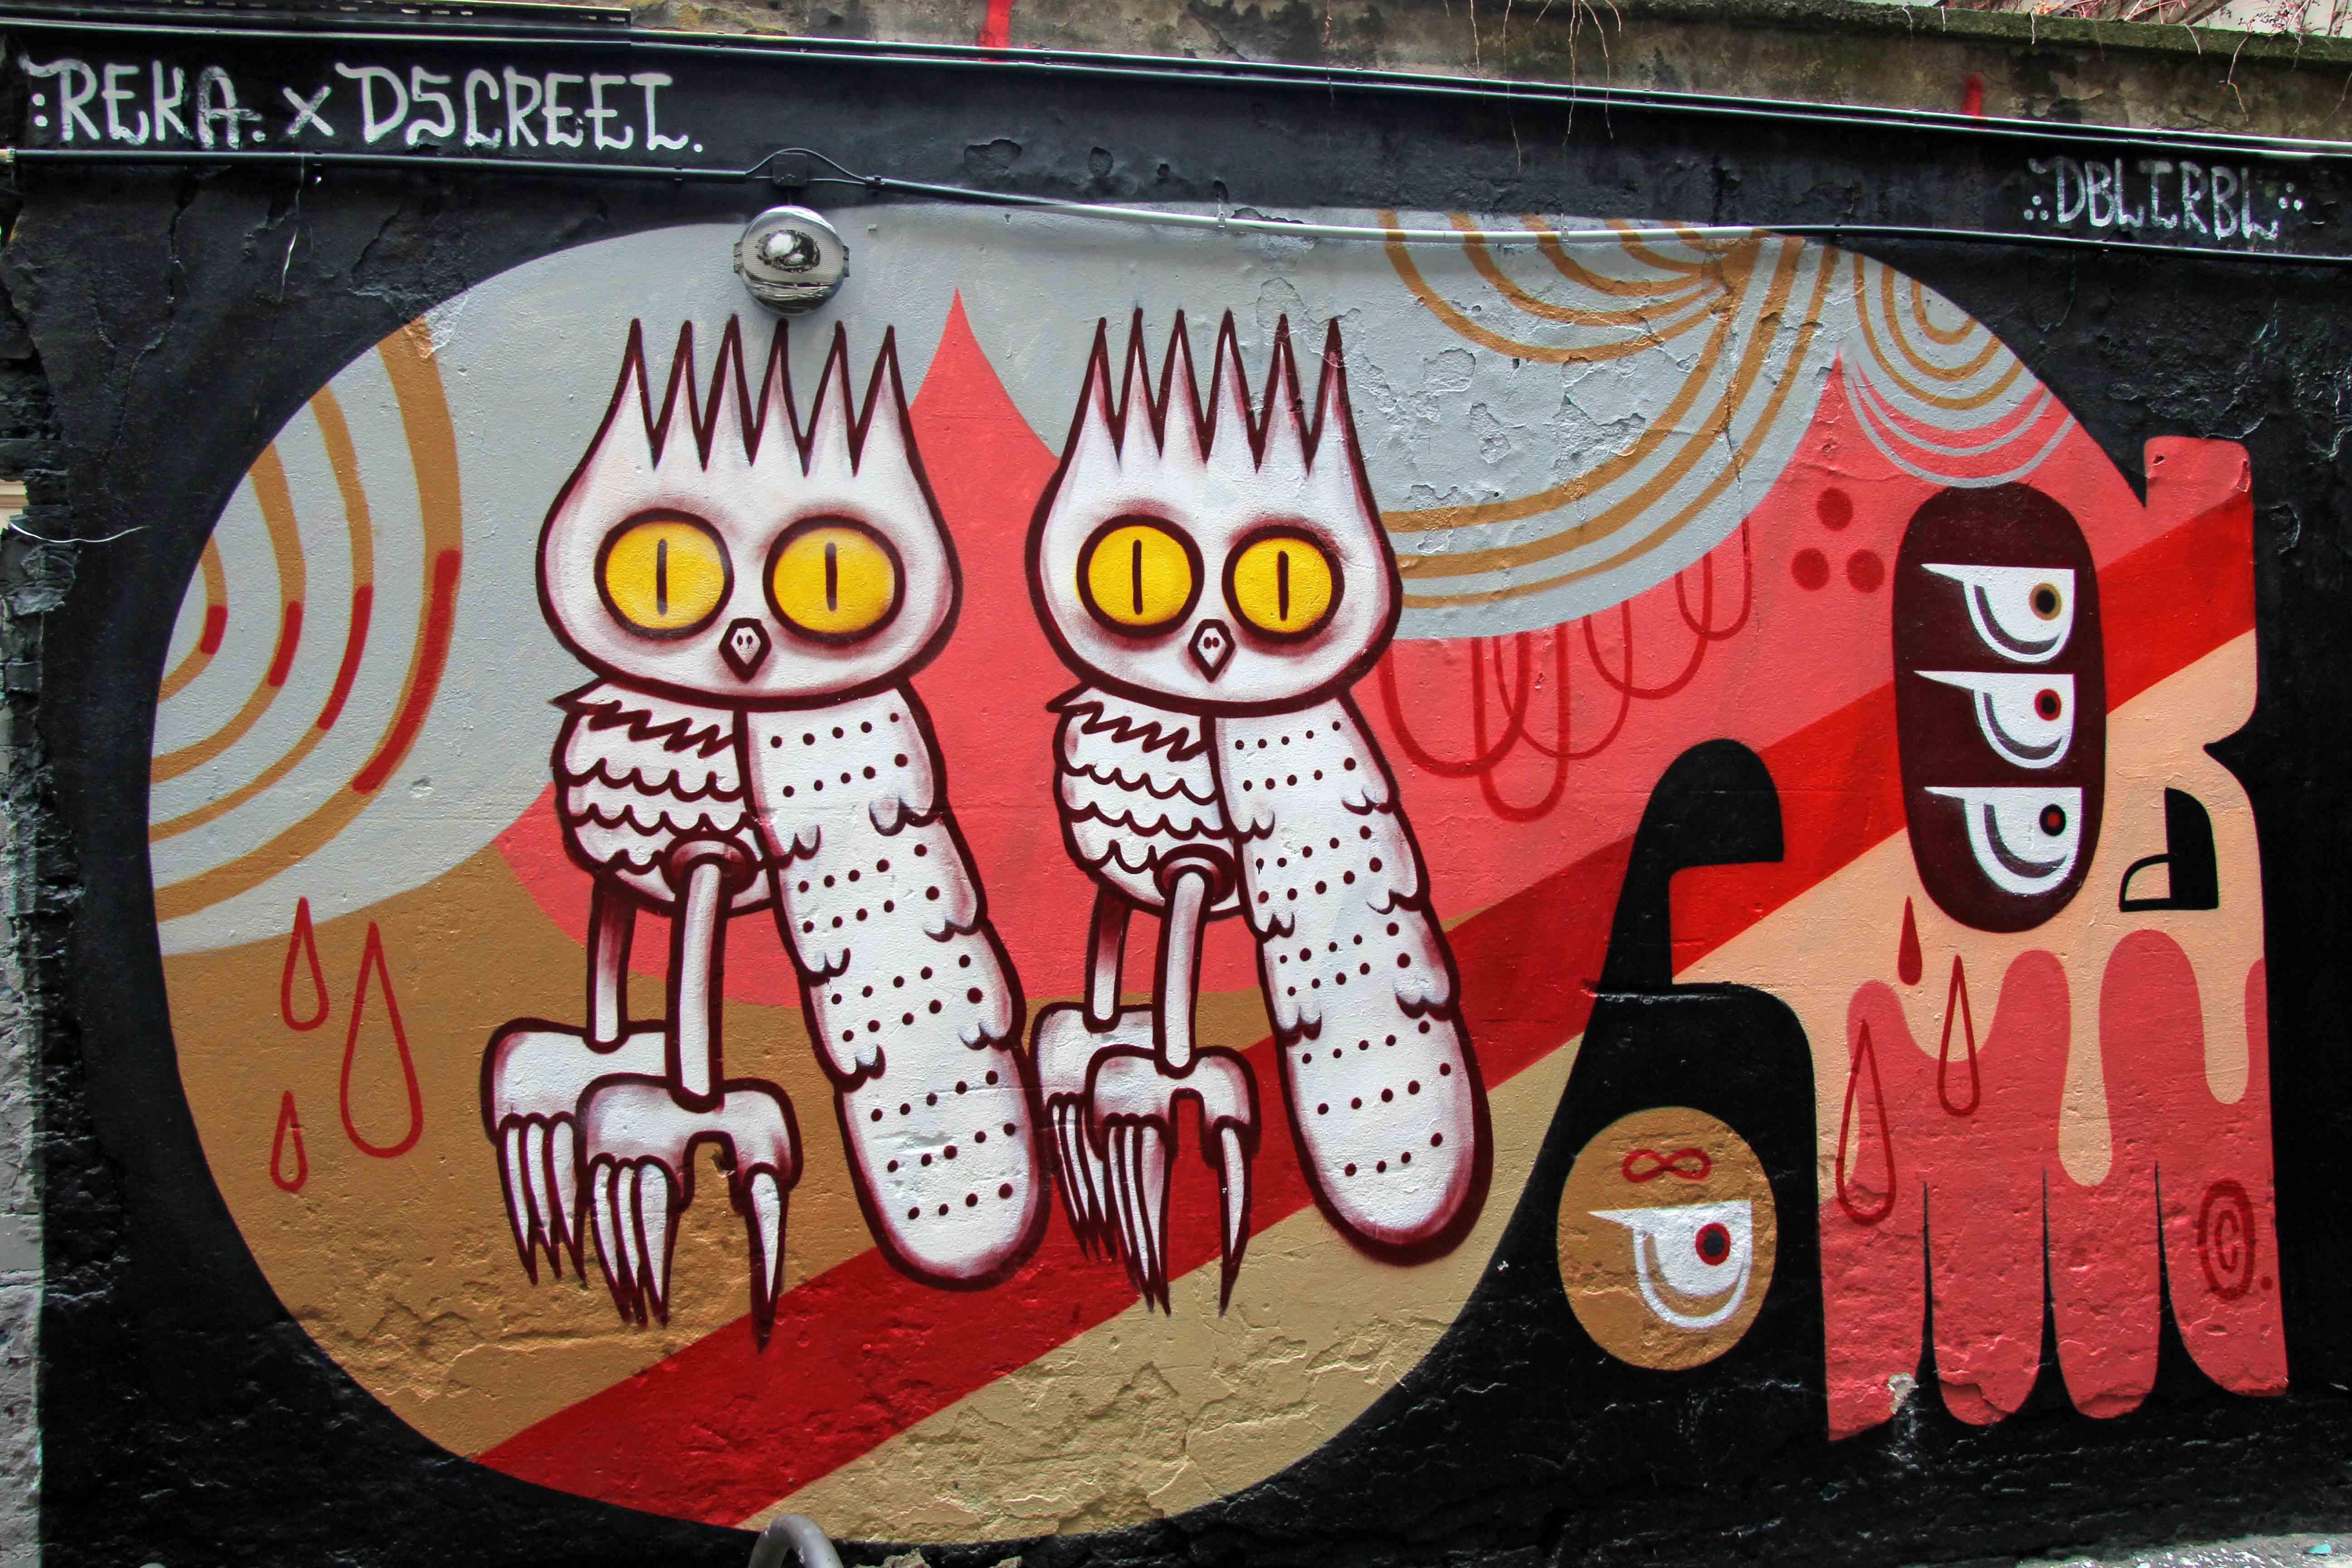 Dbltrbl - Street Art by Reka x Dscreet in Berlin